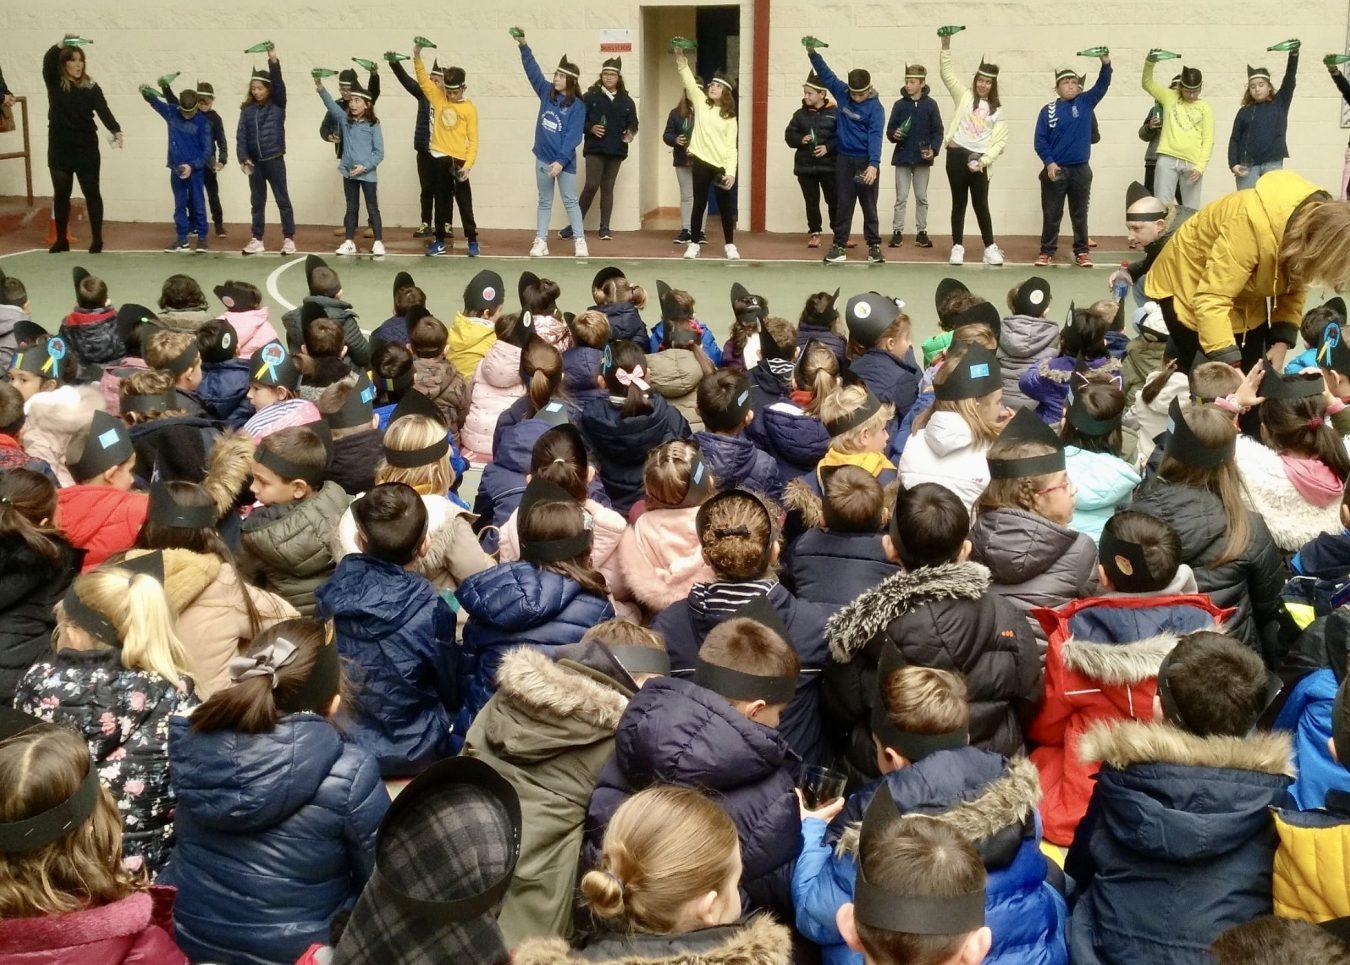 Amagüestu Escolar en Ribadesella con taller de baile, castañas y un multitudinario escanciado simultáneo